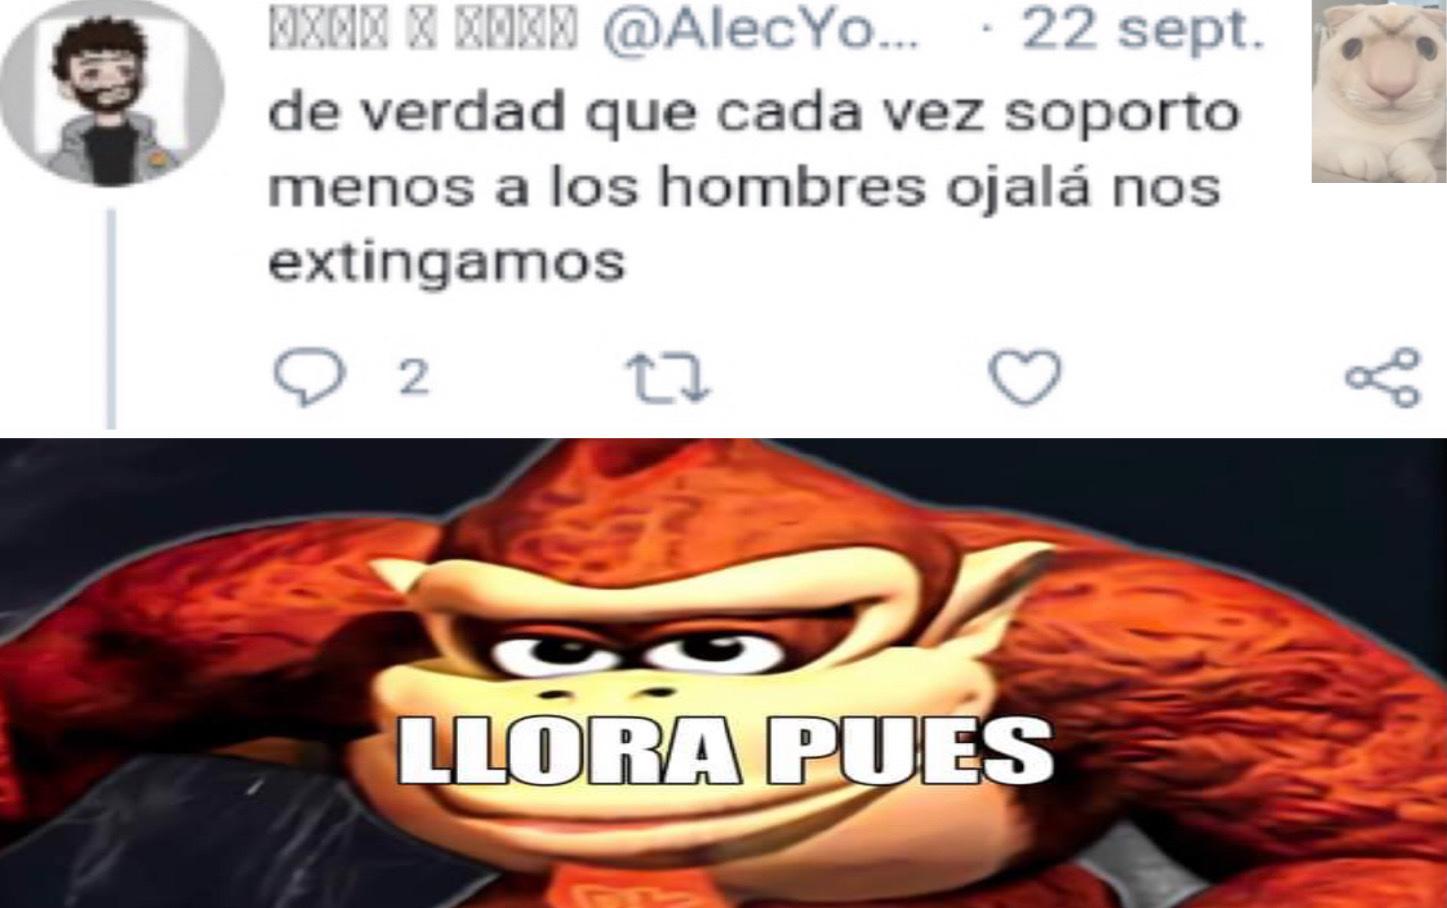 guess i'll say llora pues - meme